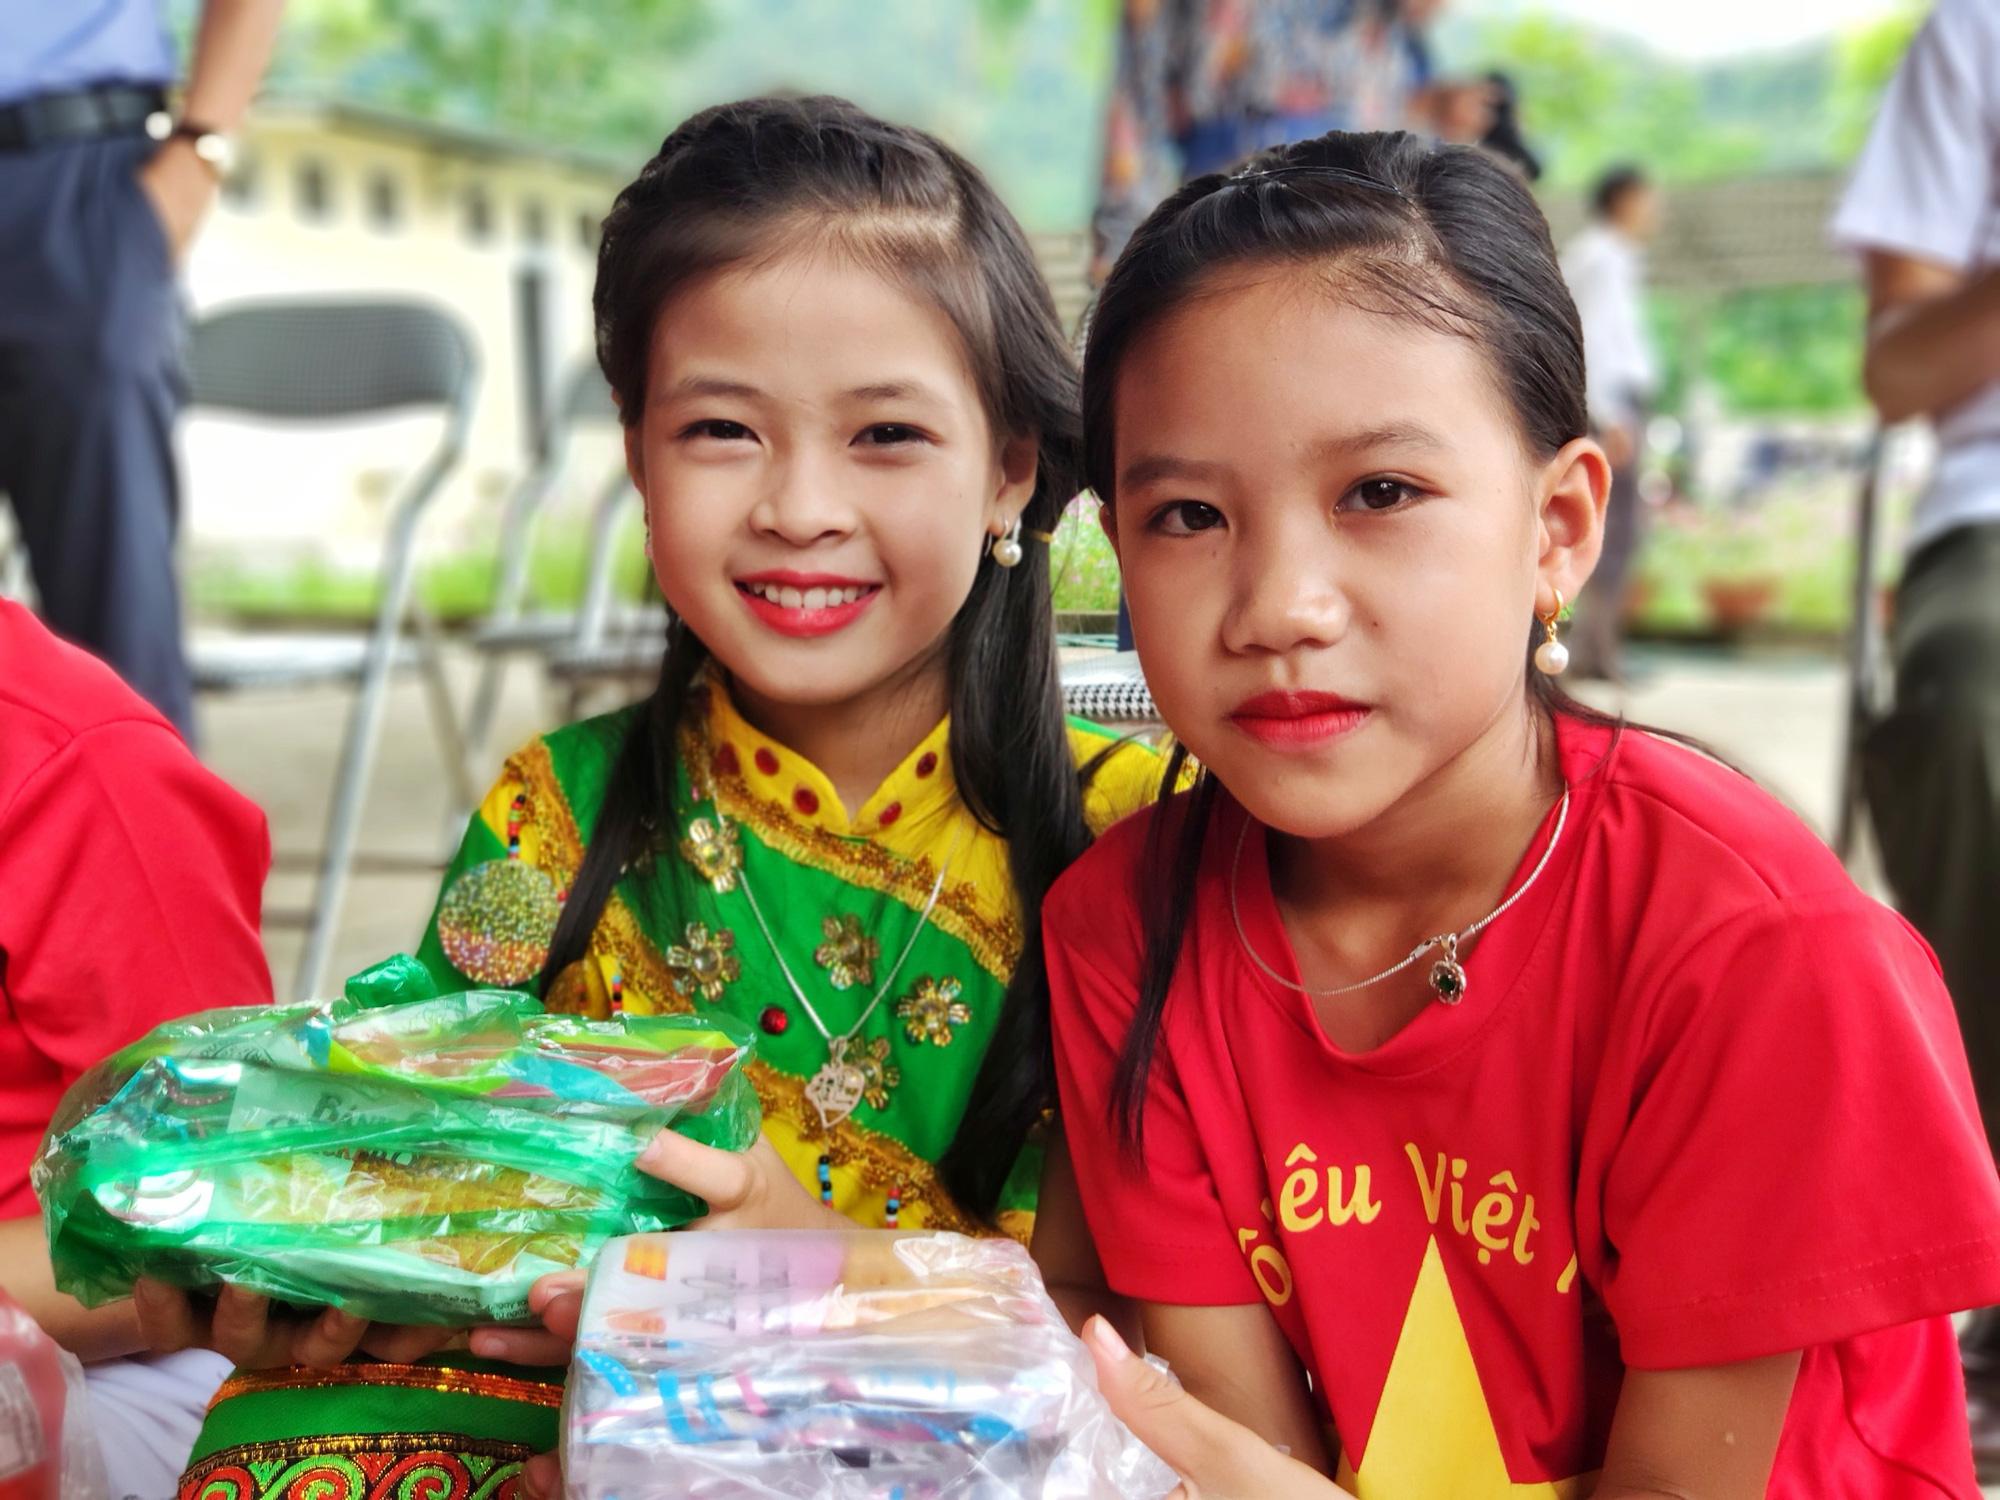 Báo NTNN/Báo Điện tử Dân Việt khởi công điểm trường mơ ước ở Nghệ An  - Ảnh 4.